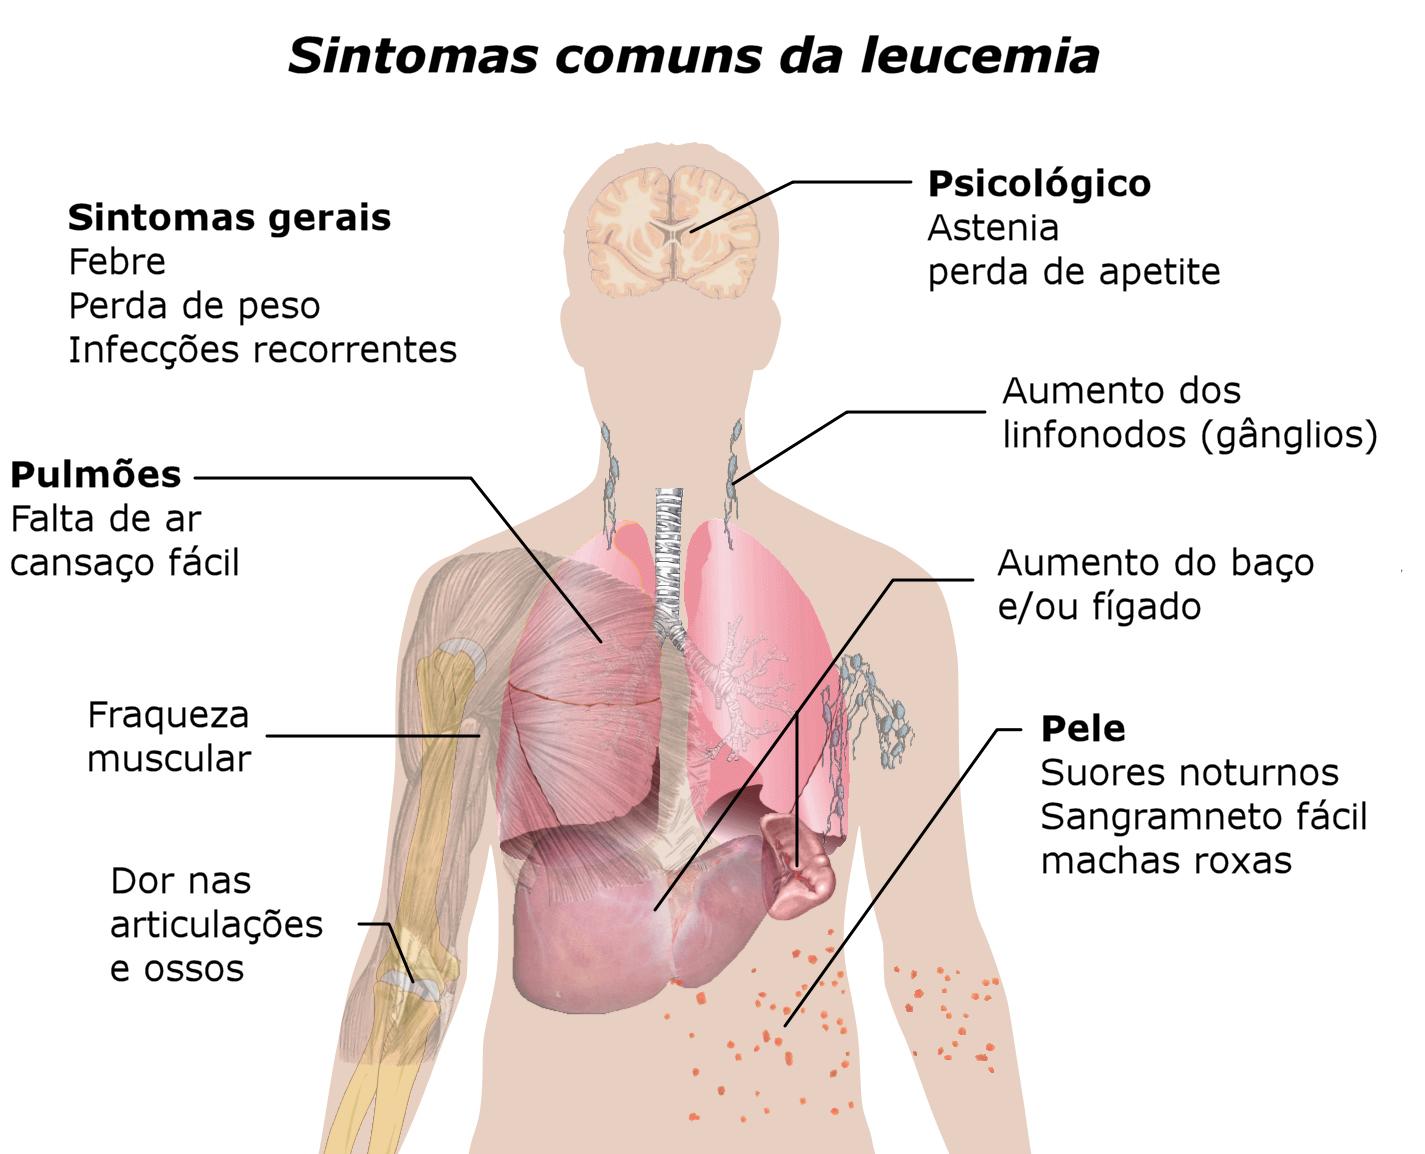 symptoms_of_leukemia